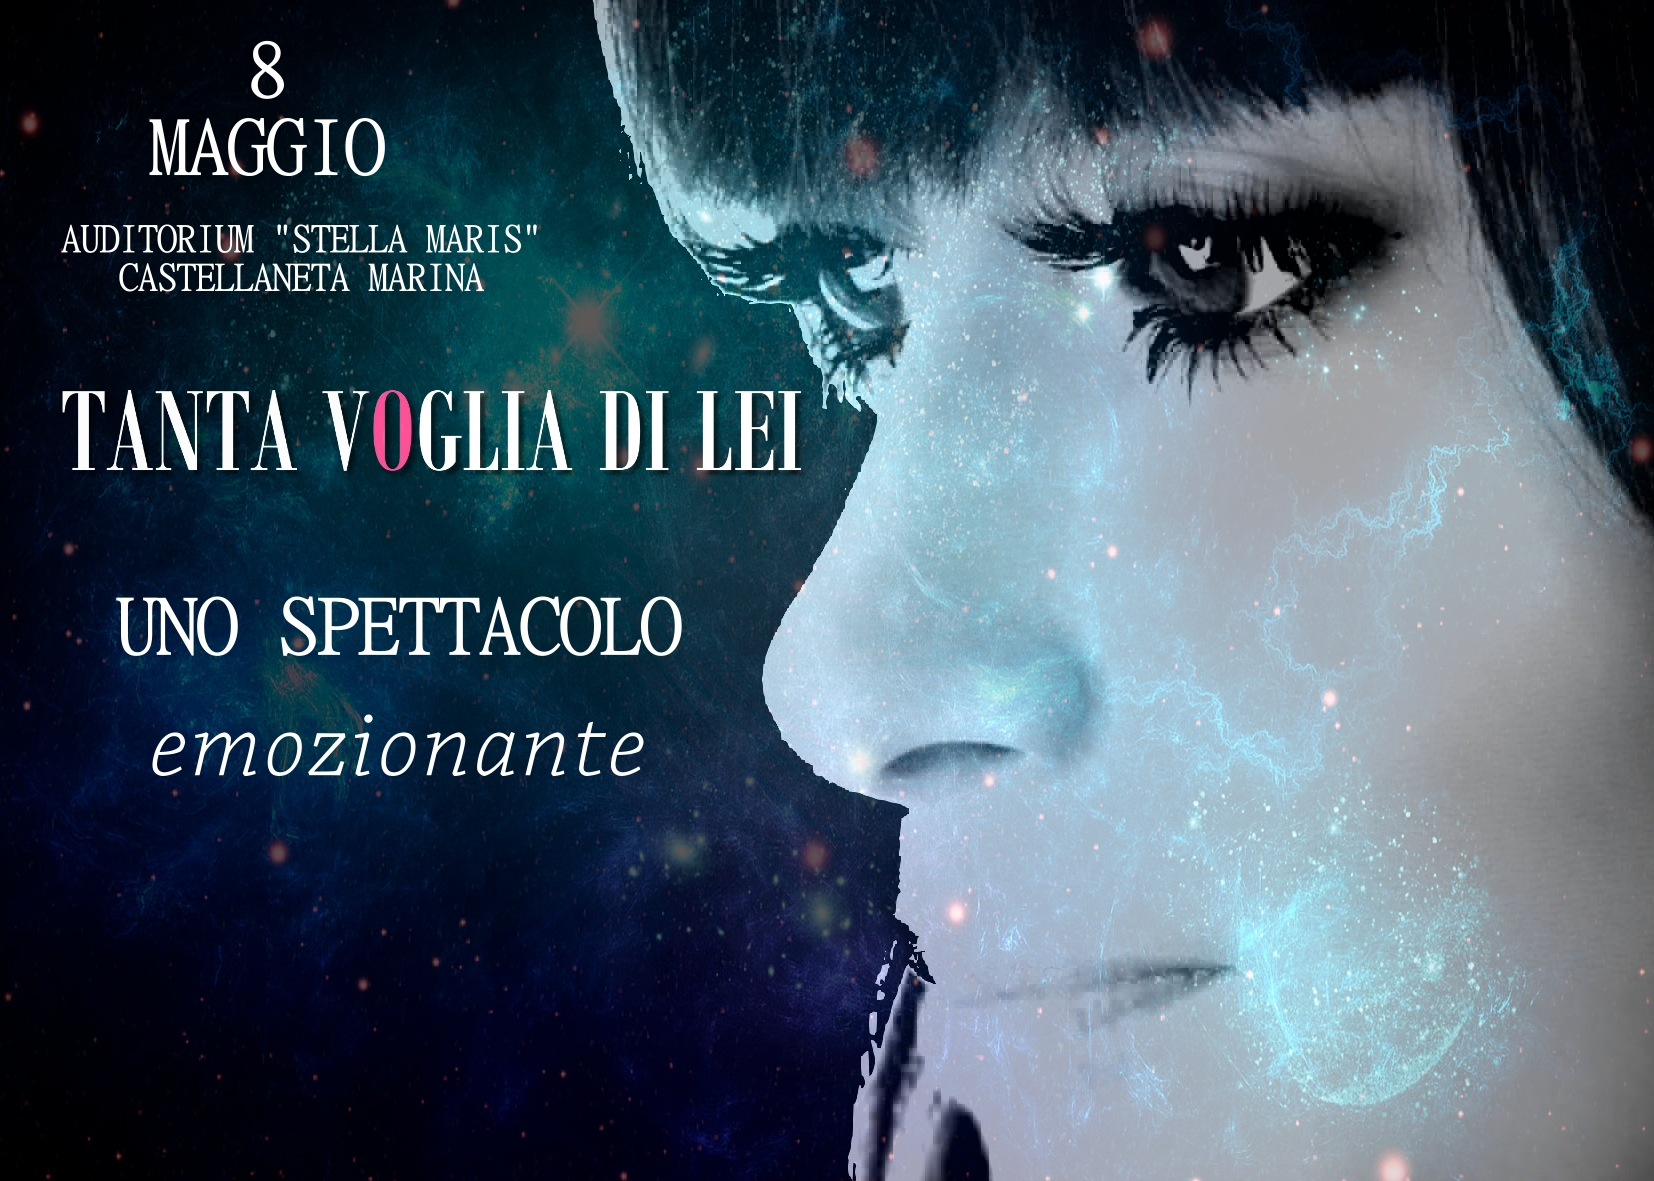 Una Storia D'Amore tra le vie di Palagiano, Palagianello e Castellaneta diventa Spettacolo!